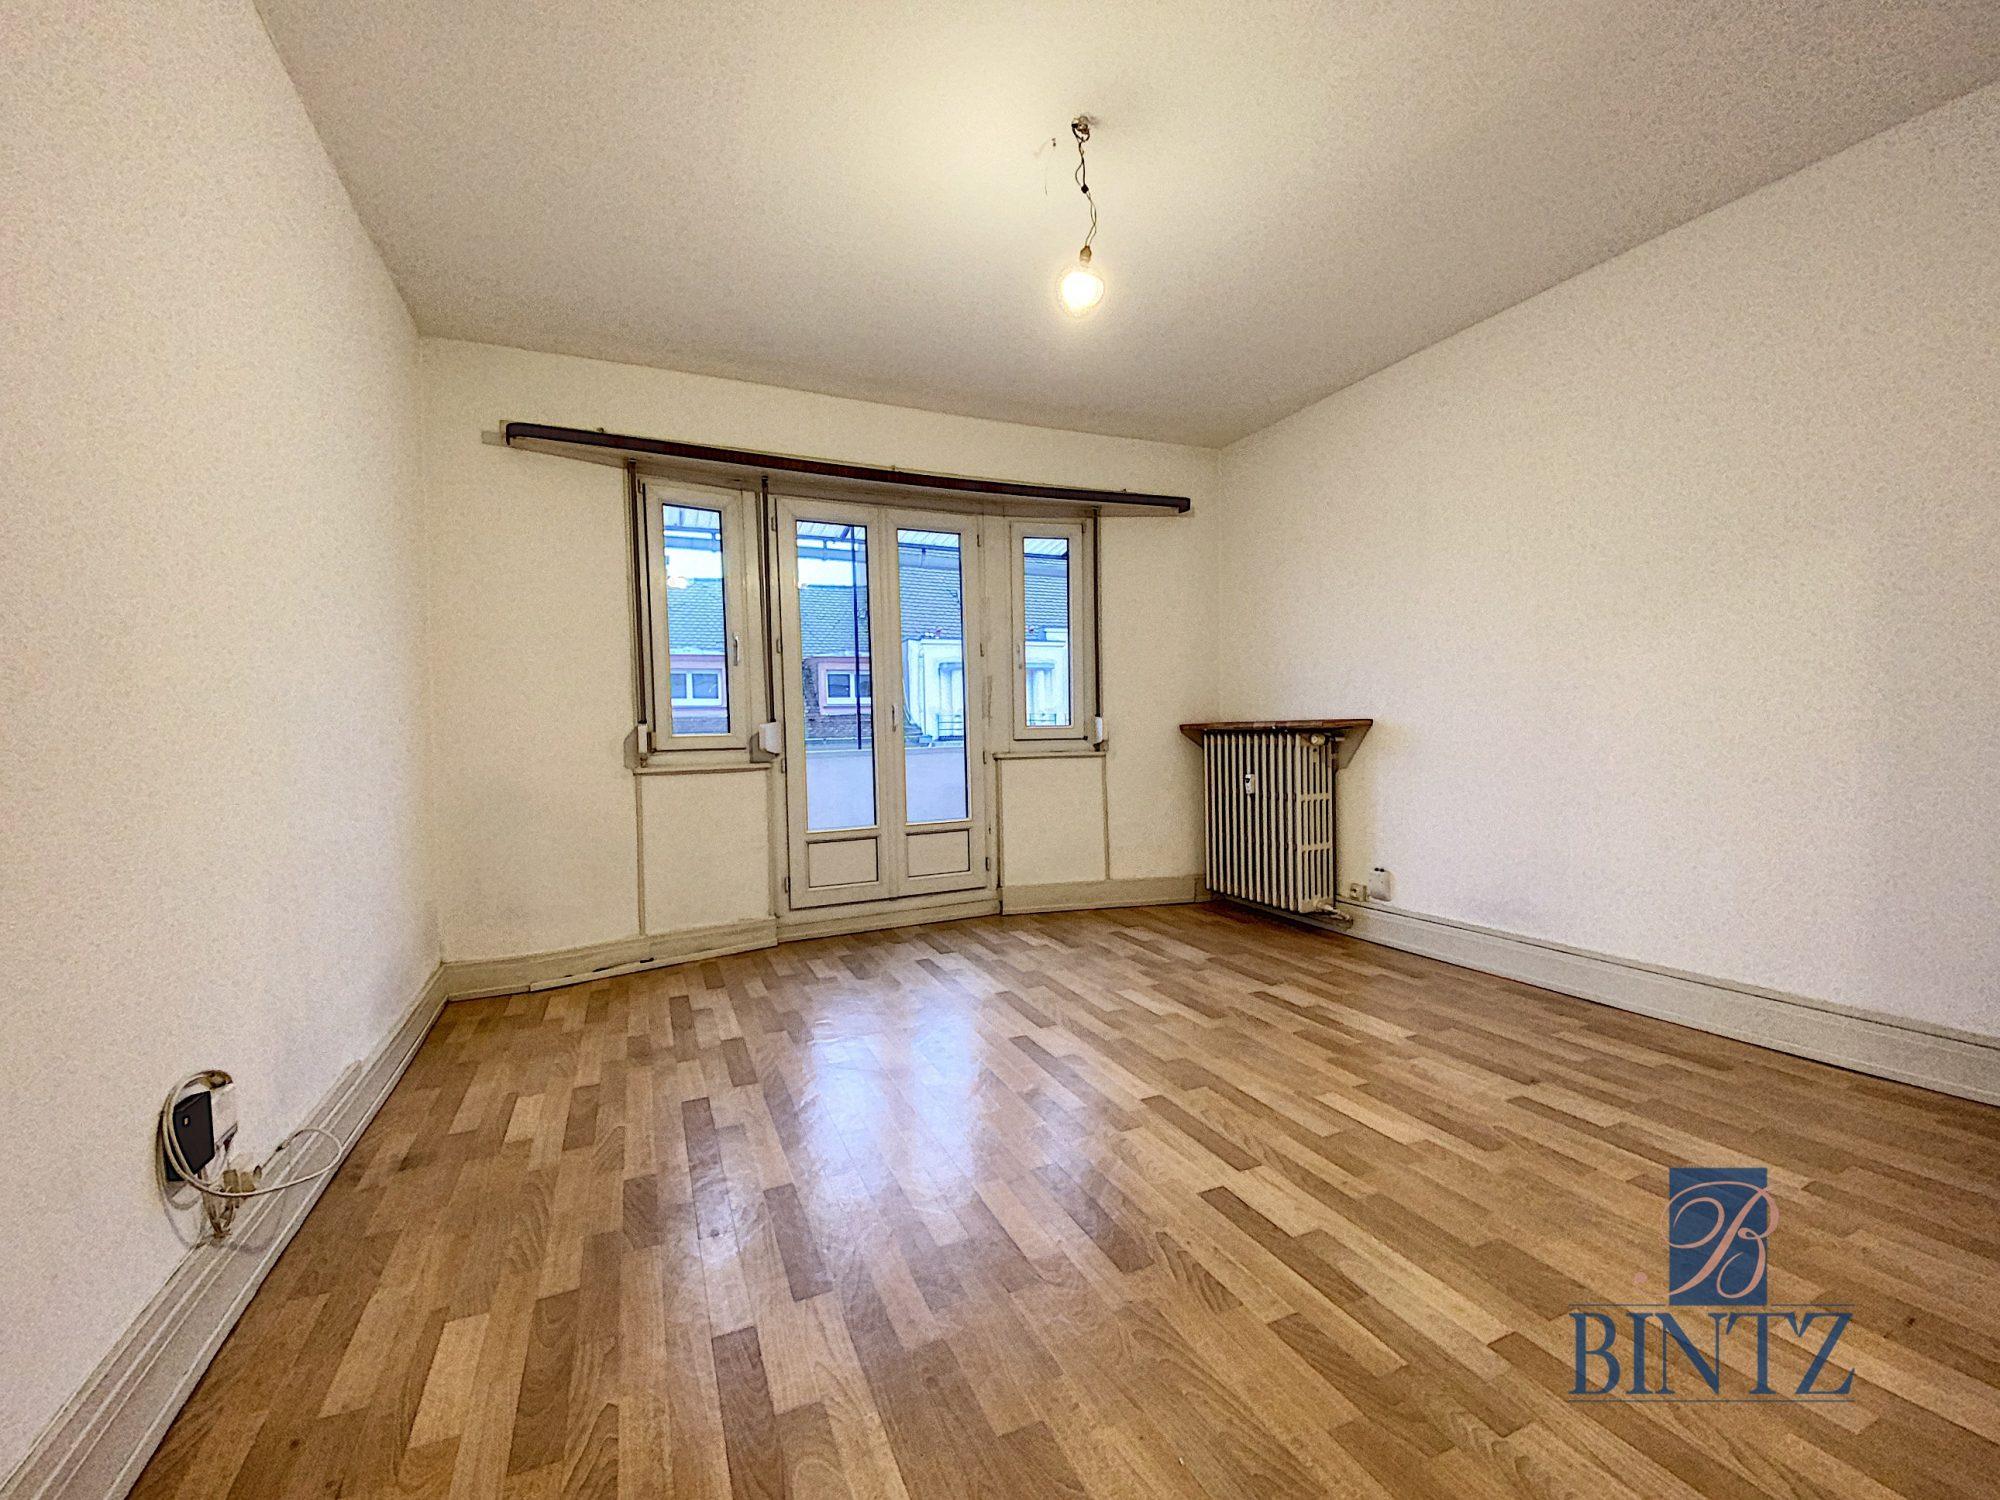 T1 KRUTENAU AVEC BALCON - Devenez locataire en toute sérénité - Bintz Immobilier - 1